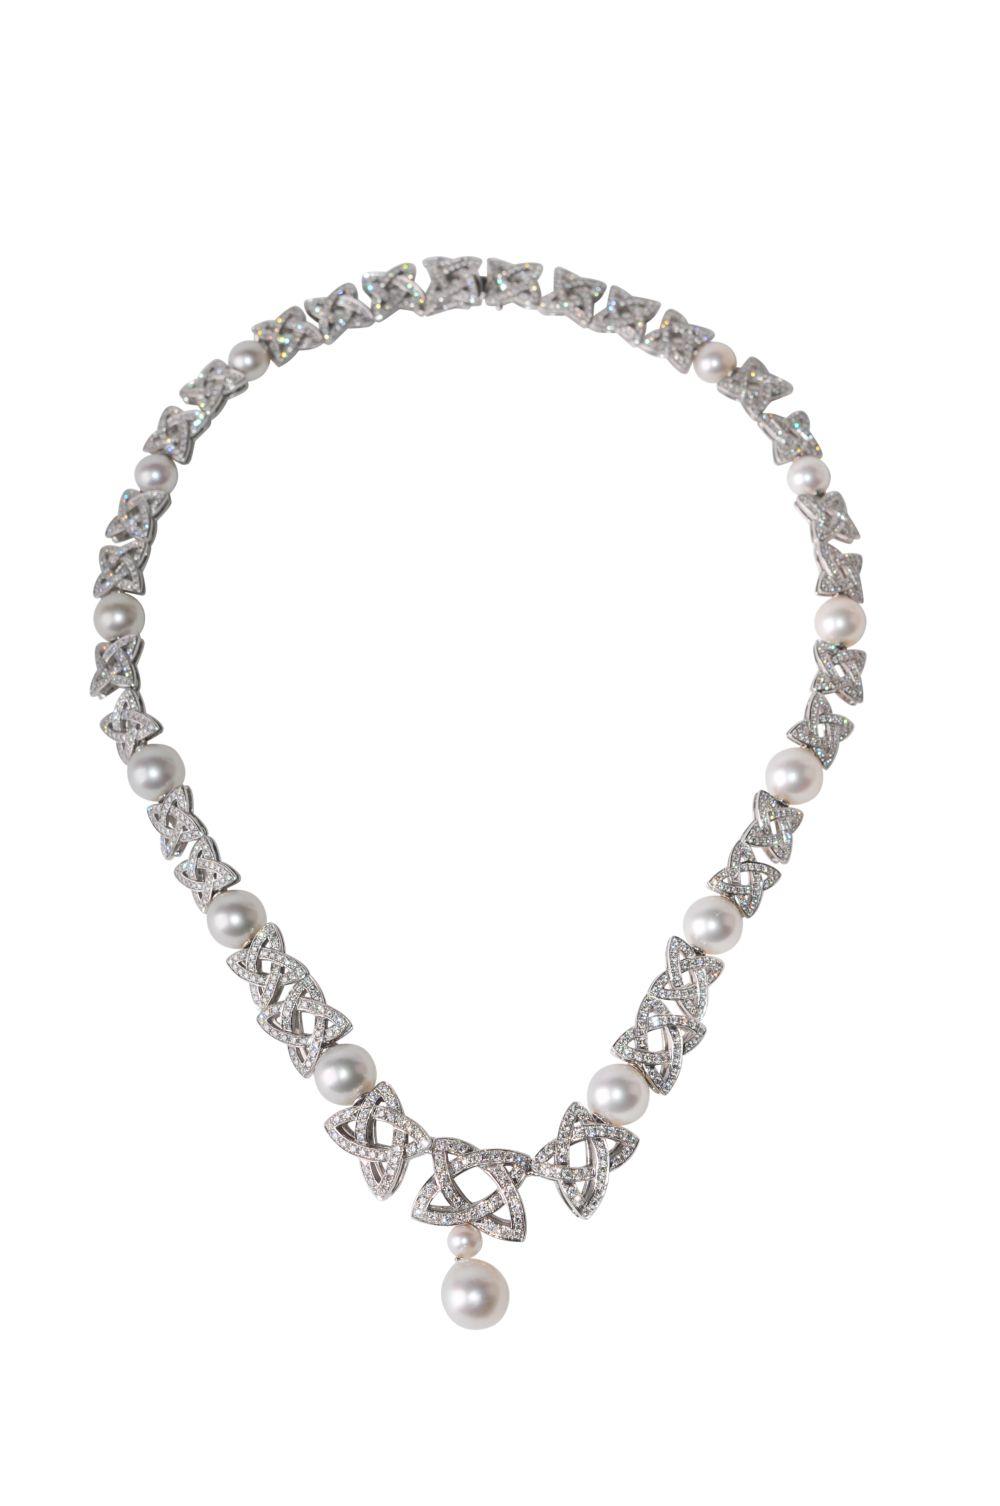 #120 Brillant-Pearl-Necklace | Brillant-Perl-Collier Image